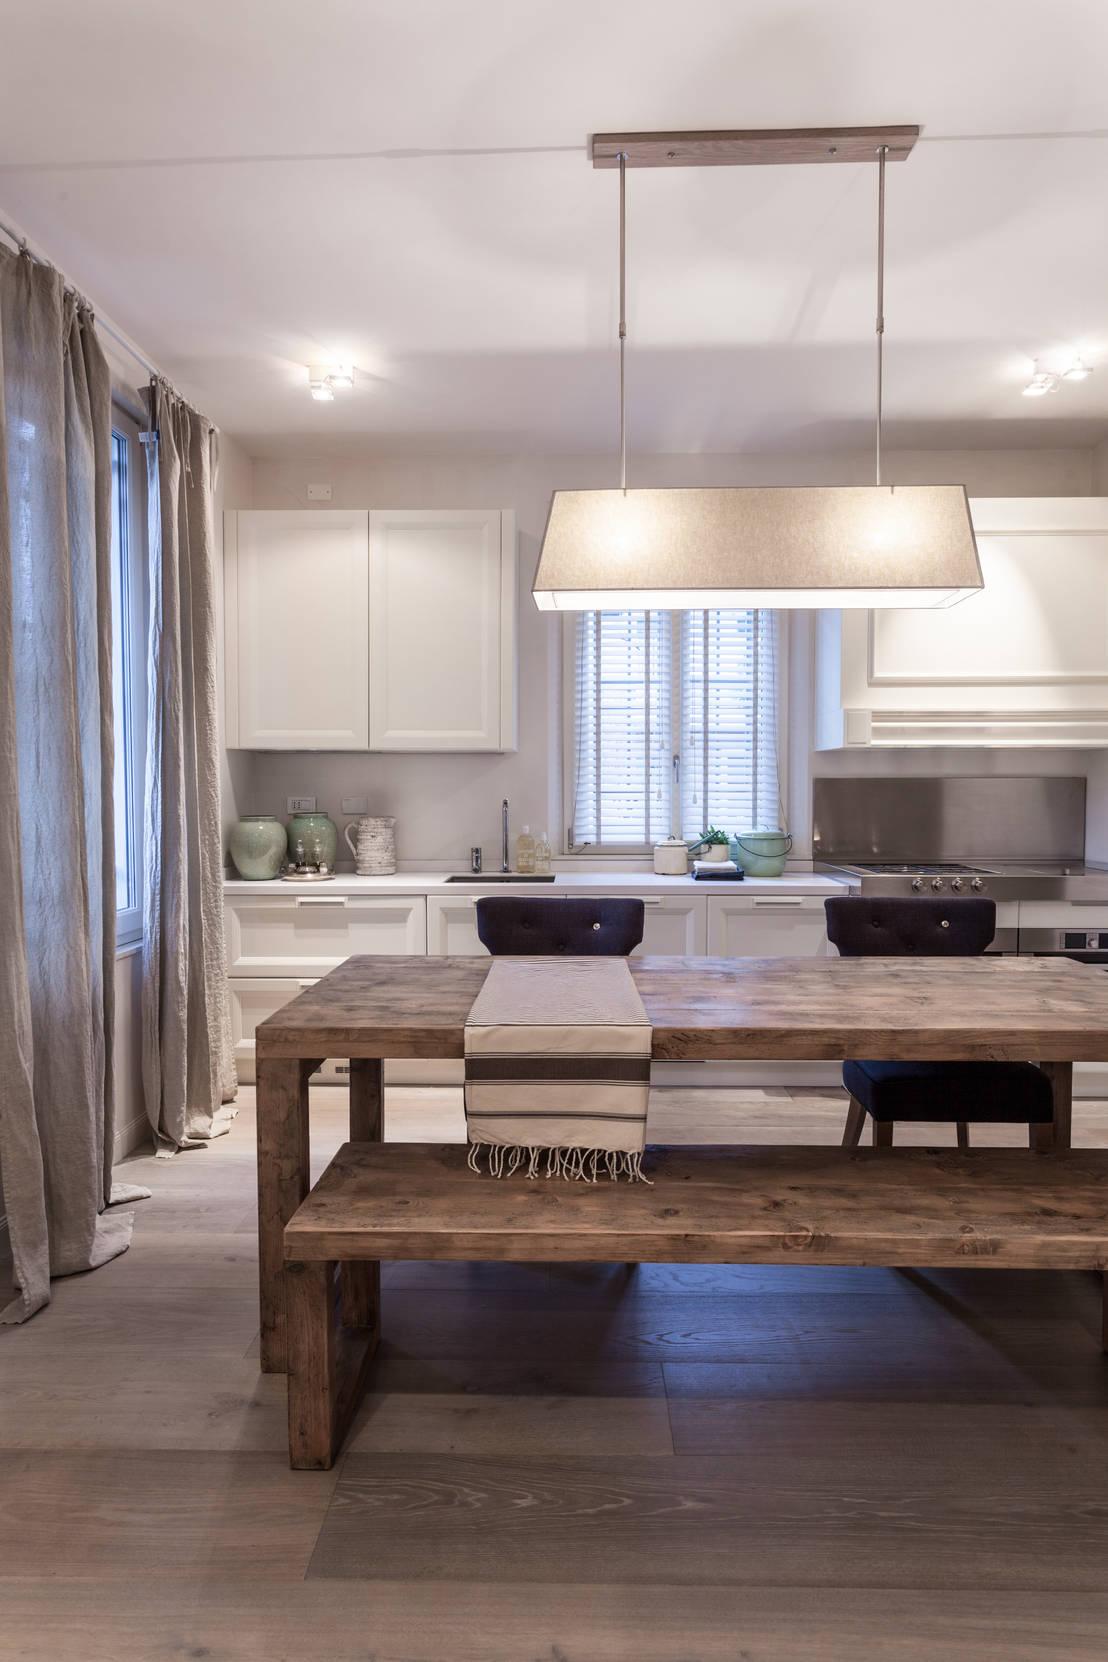 Quattro piani primi novecento di lucia bentivogli for Piani di casa stile scandole